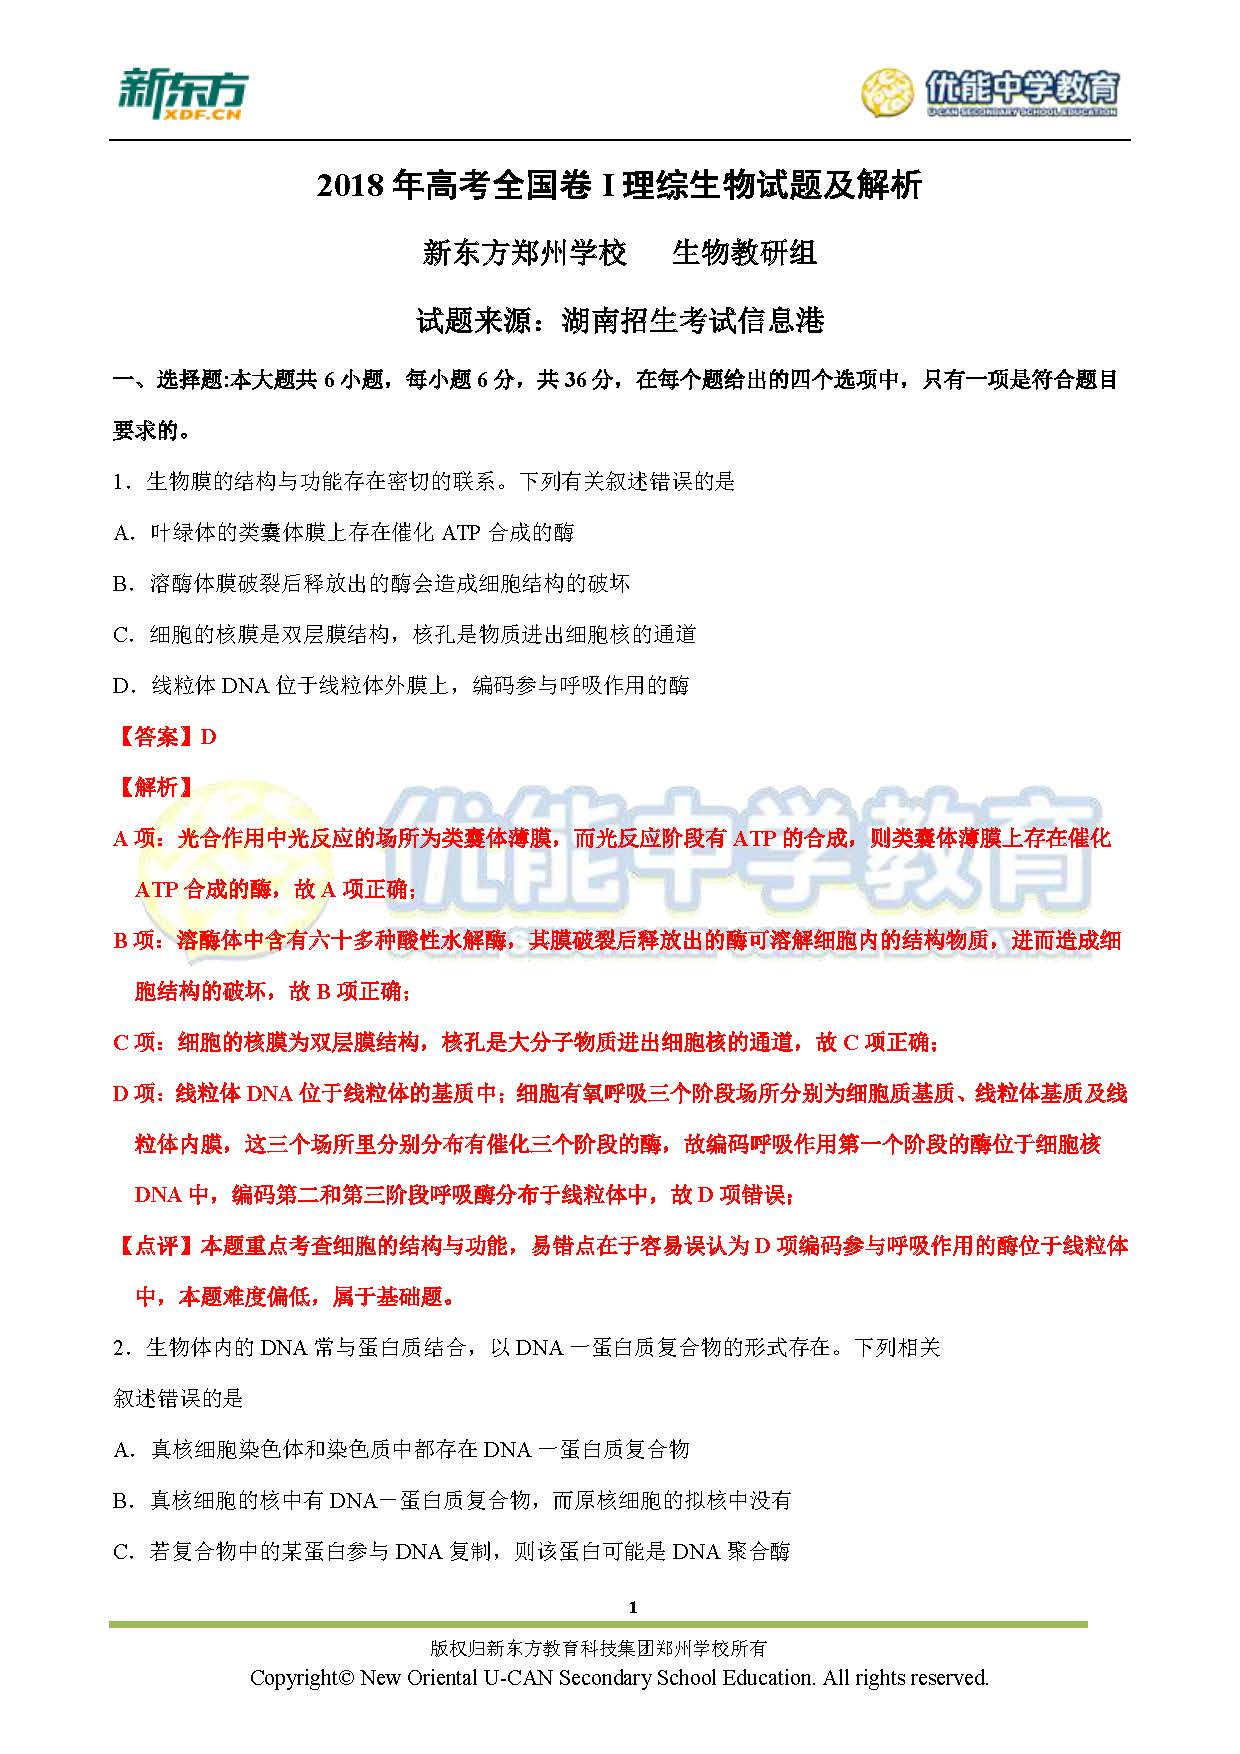 2018全国卷1高考理综生物试题及答案解析(郑州新东方)